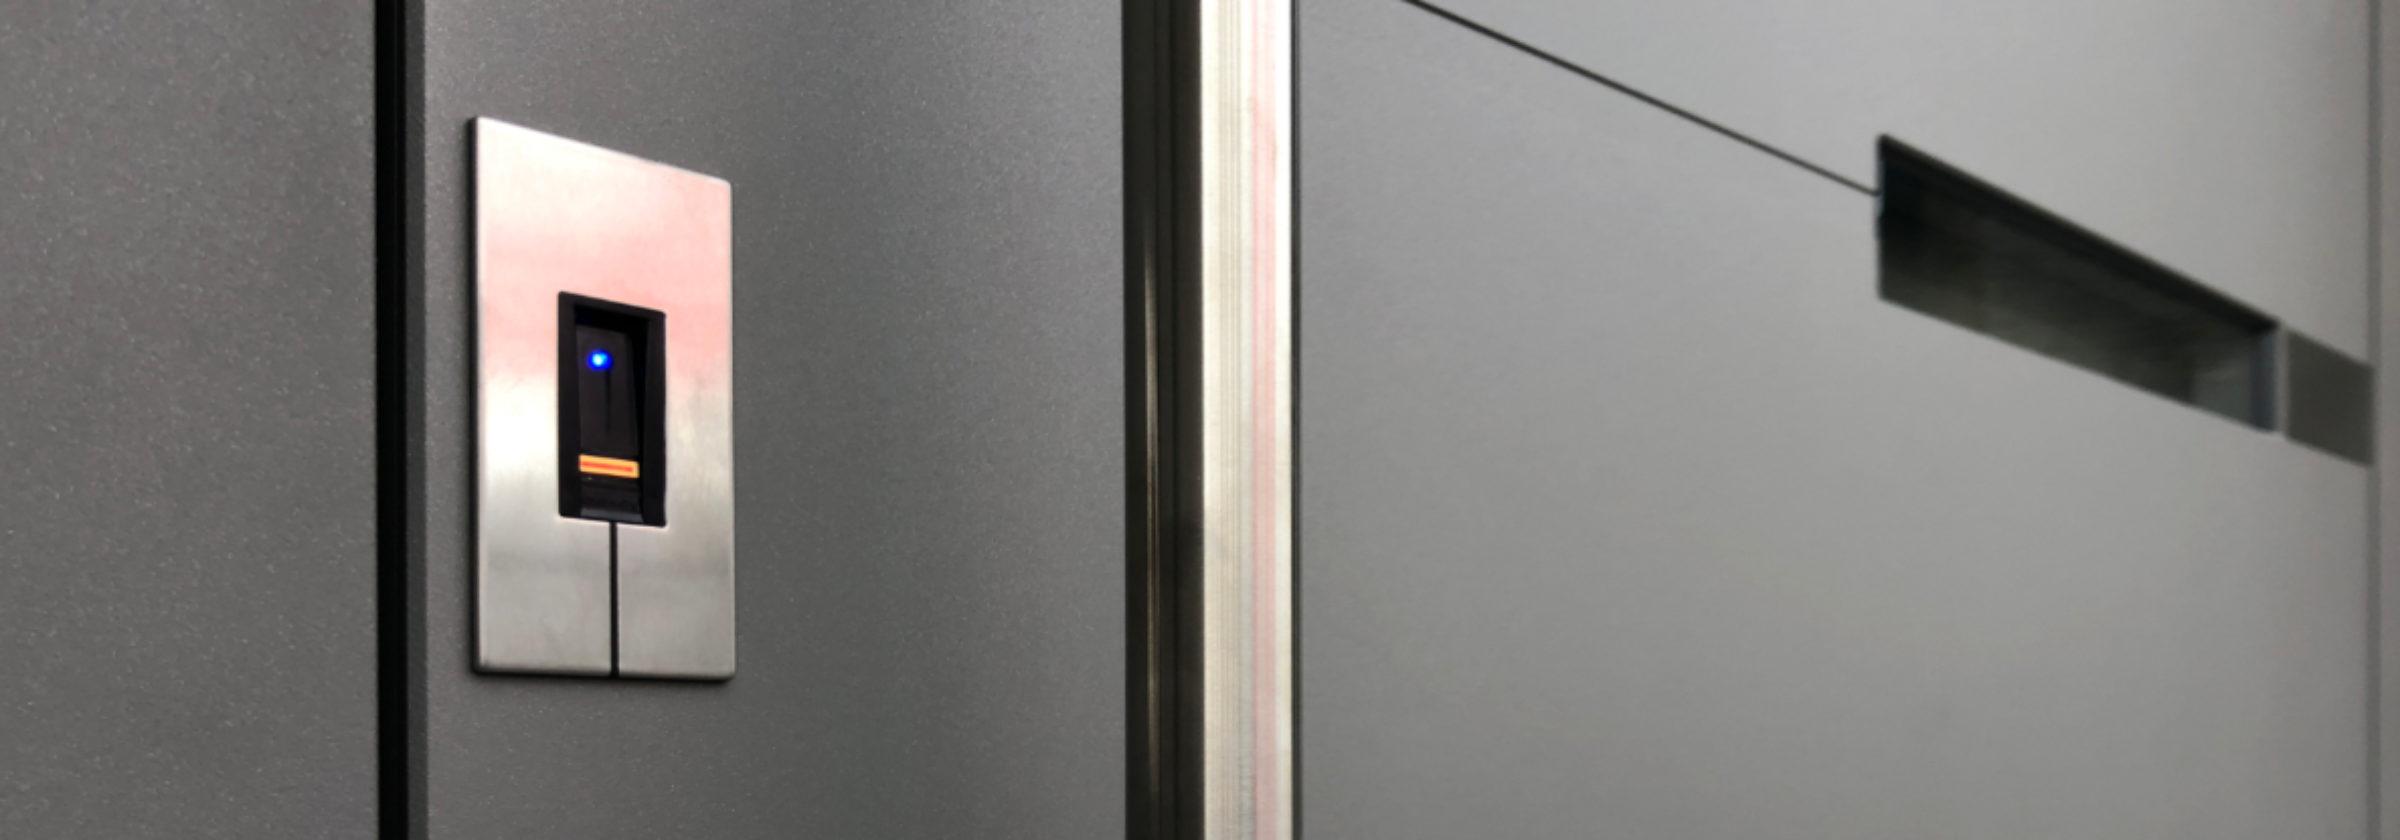 2 1 2400x840 Clast Srl   Your Next Door | Clast srl: porte, portoni, sicurezza, cancelli, automazioni. Via Soncino 5, Trescore Cremasco